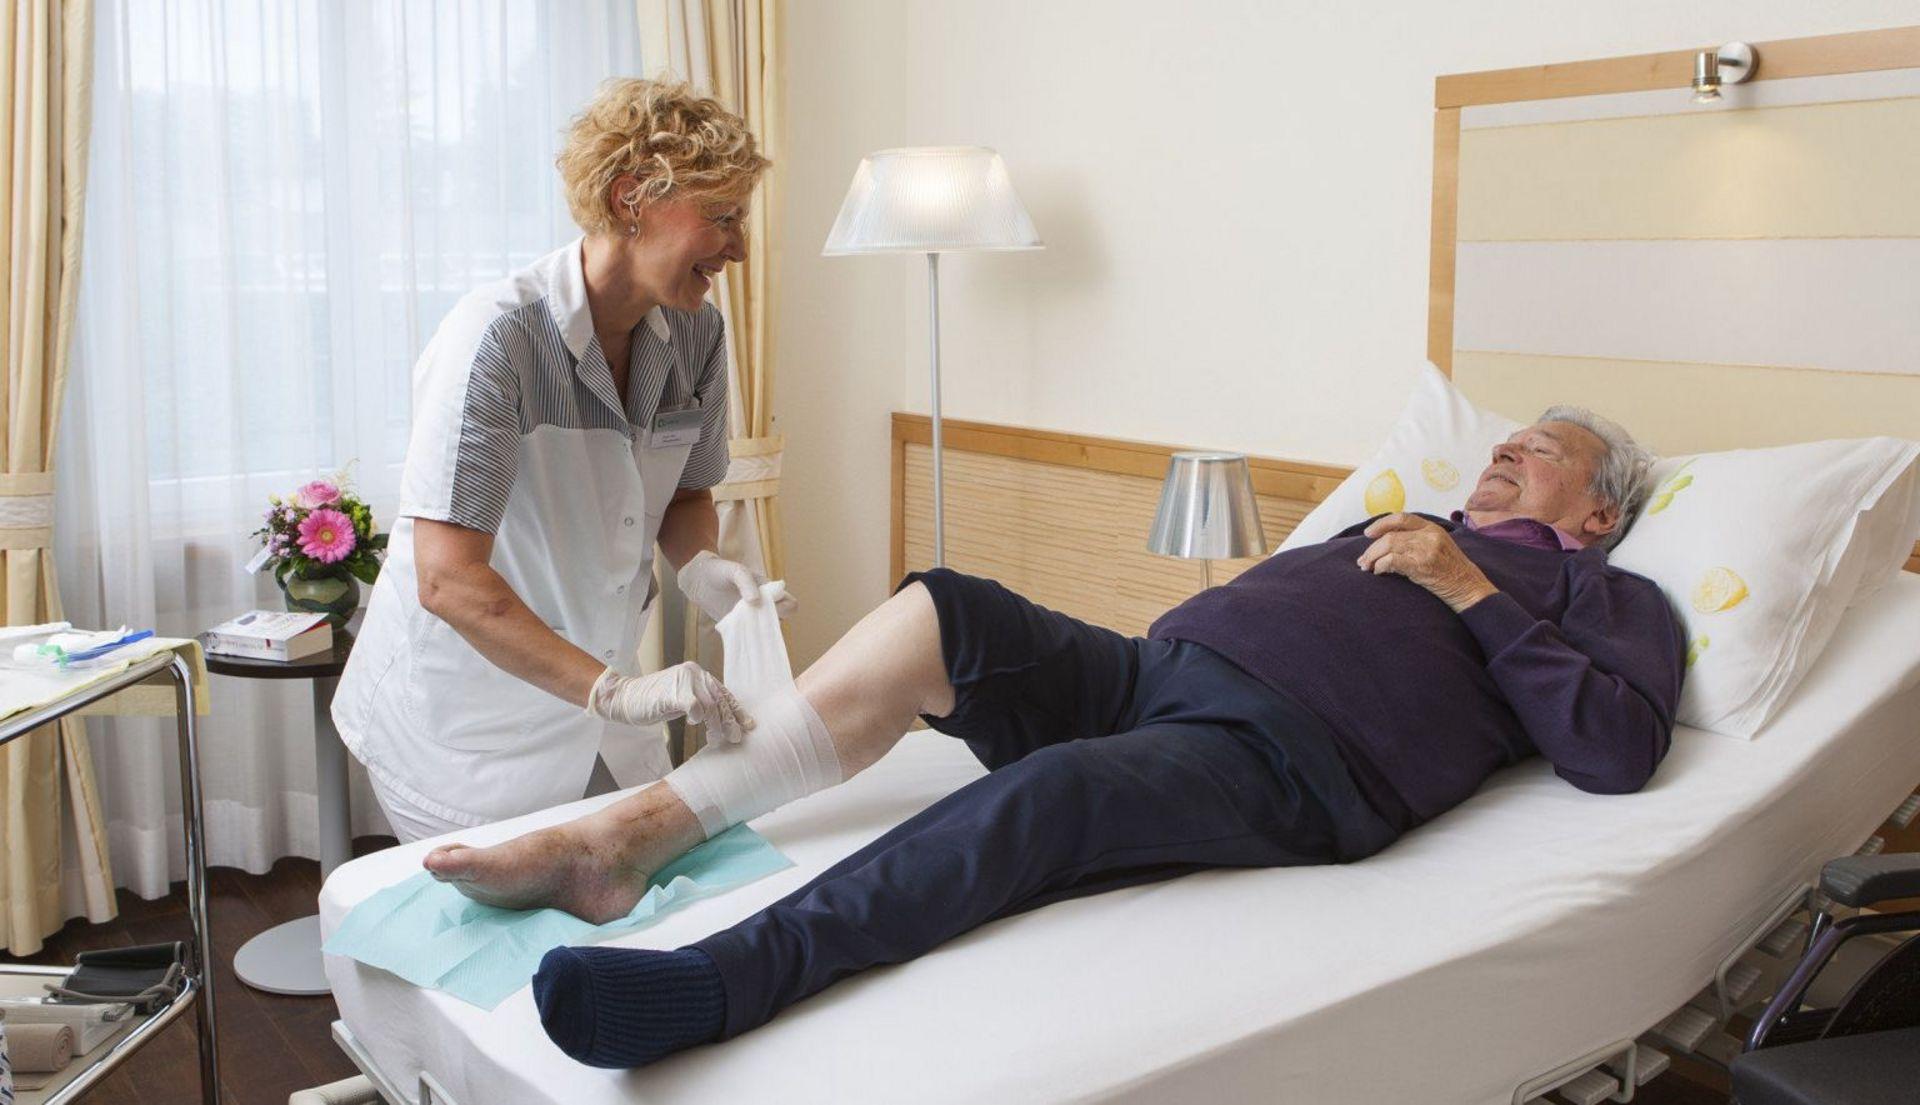 Spitex-Mitarbeiterin wechselt Verband am Bein eines Patienten